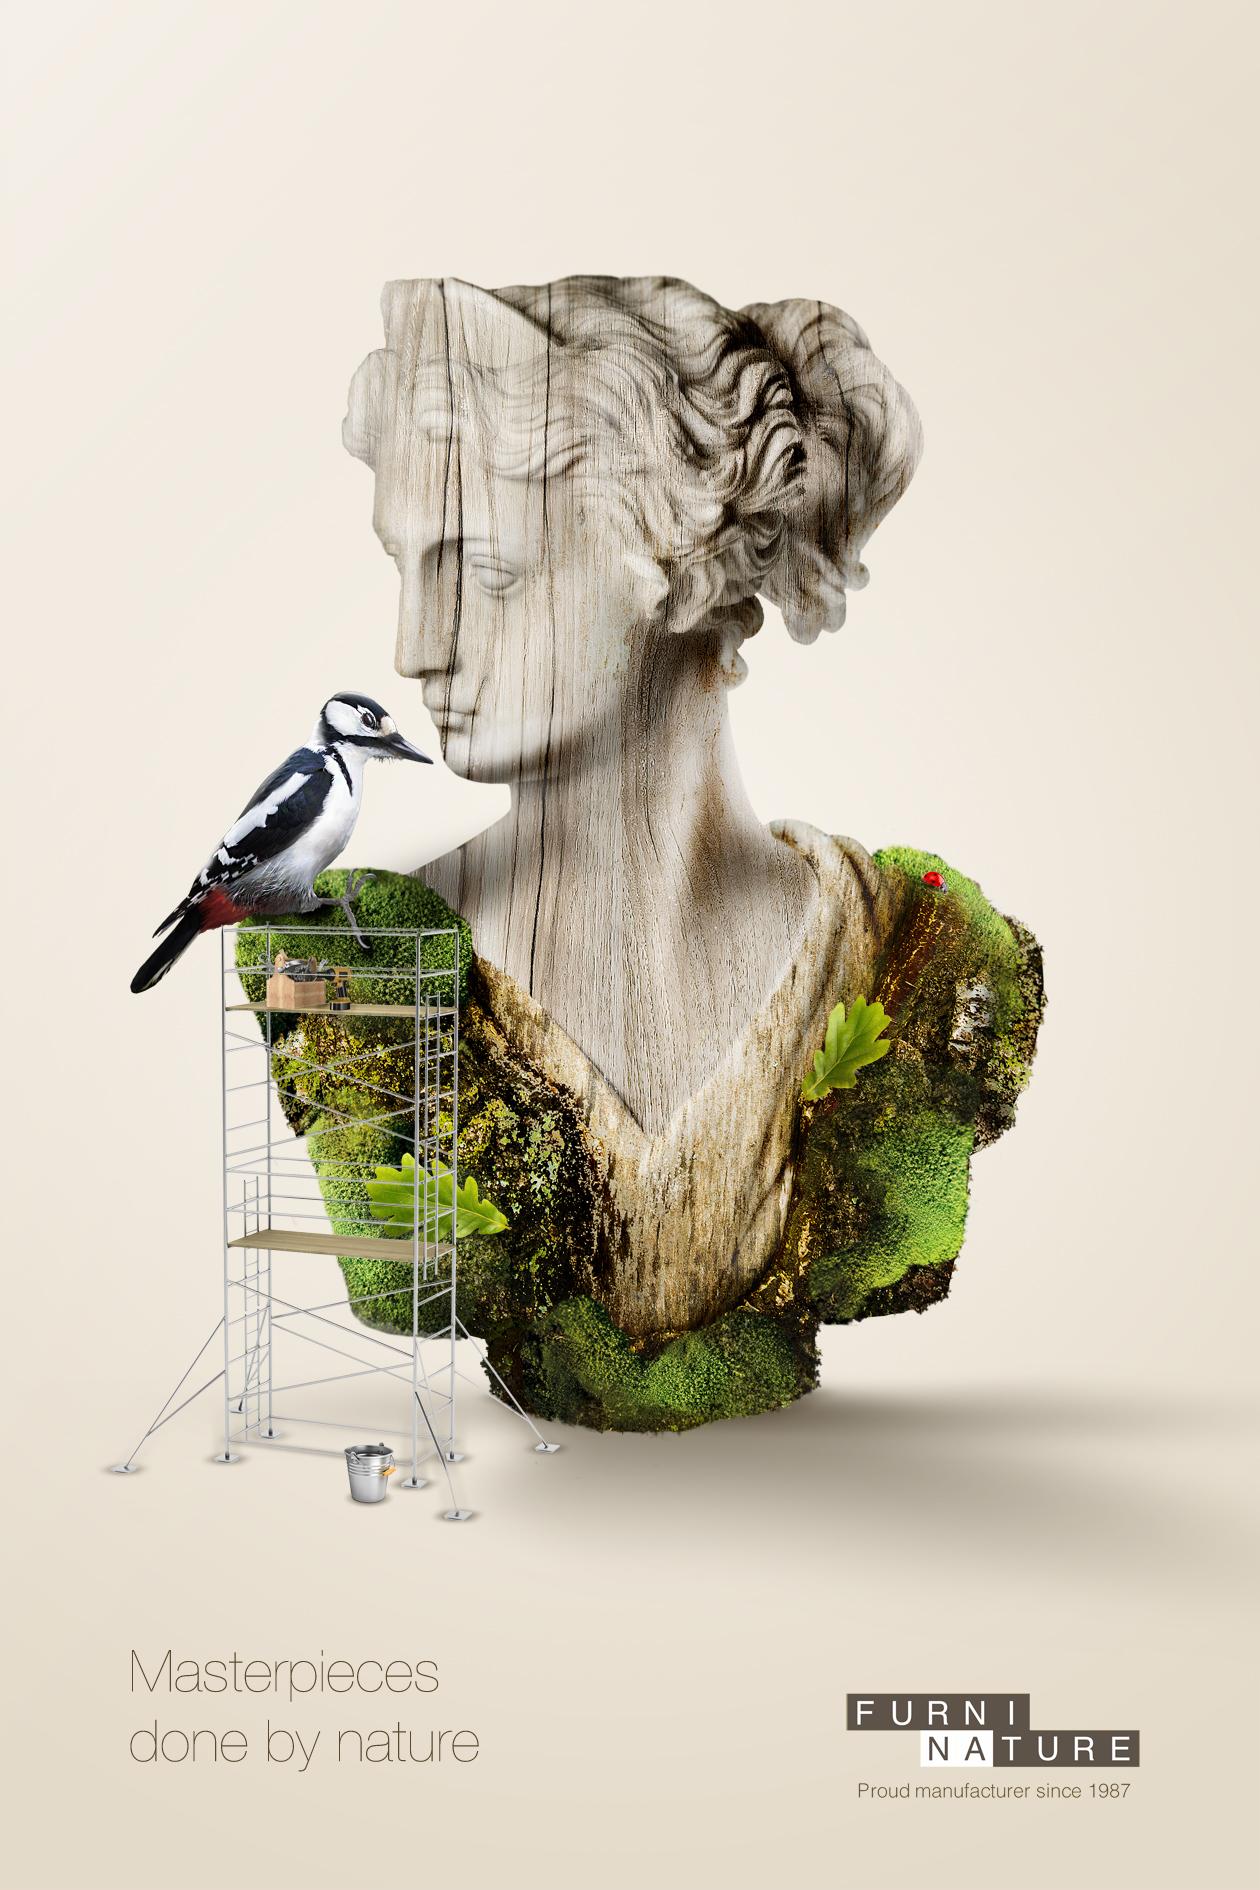 furniture-nature